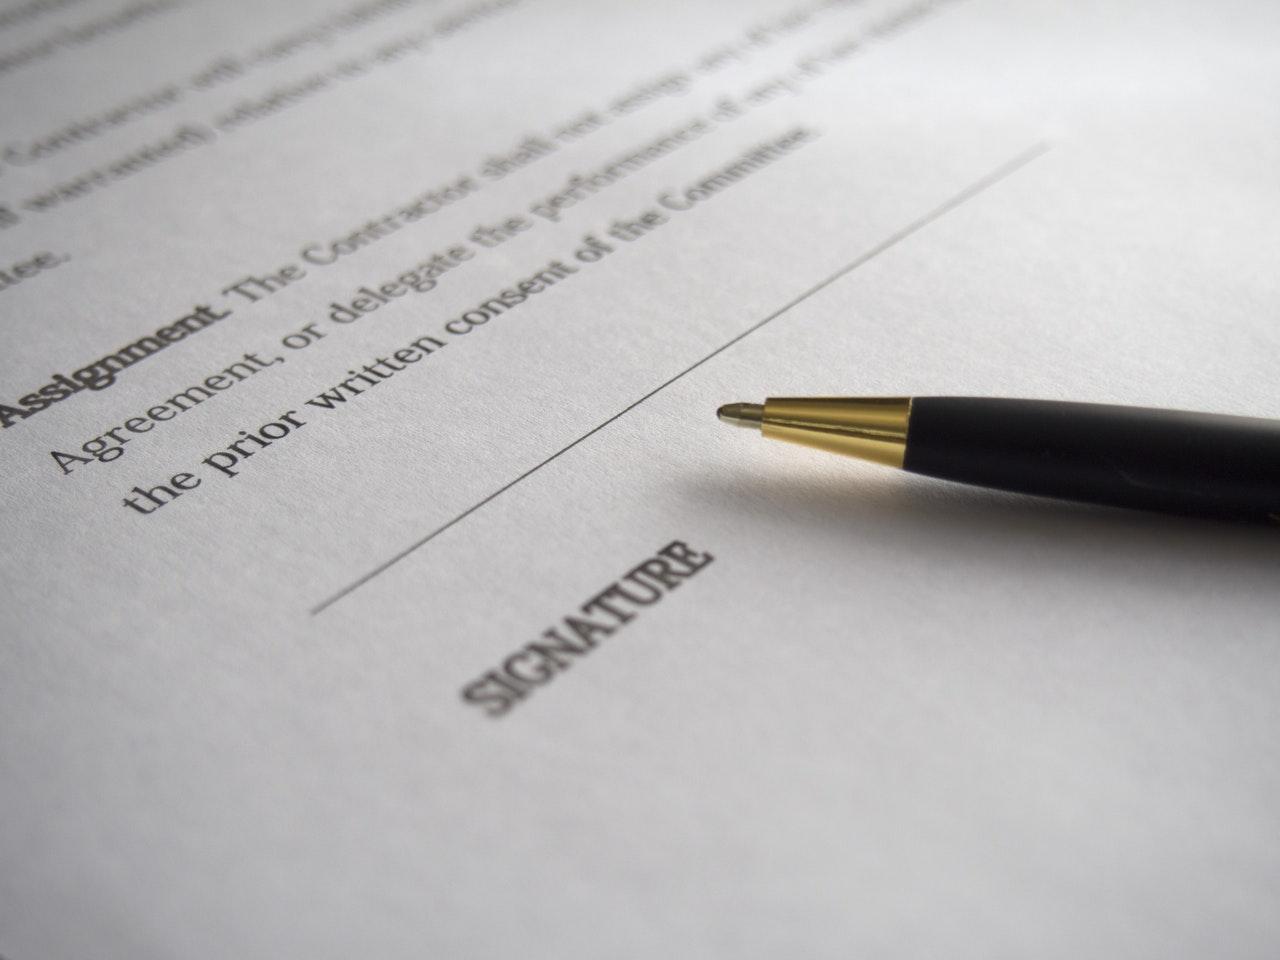 Ministerstwo Sprawiedliwości proponuje ułatwienia w procedurze cywilnej